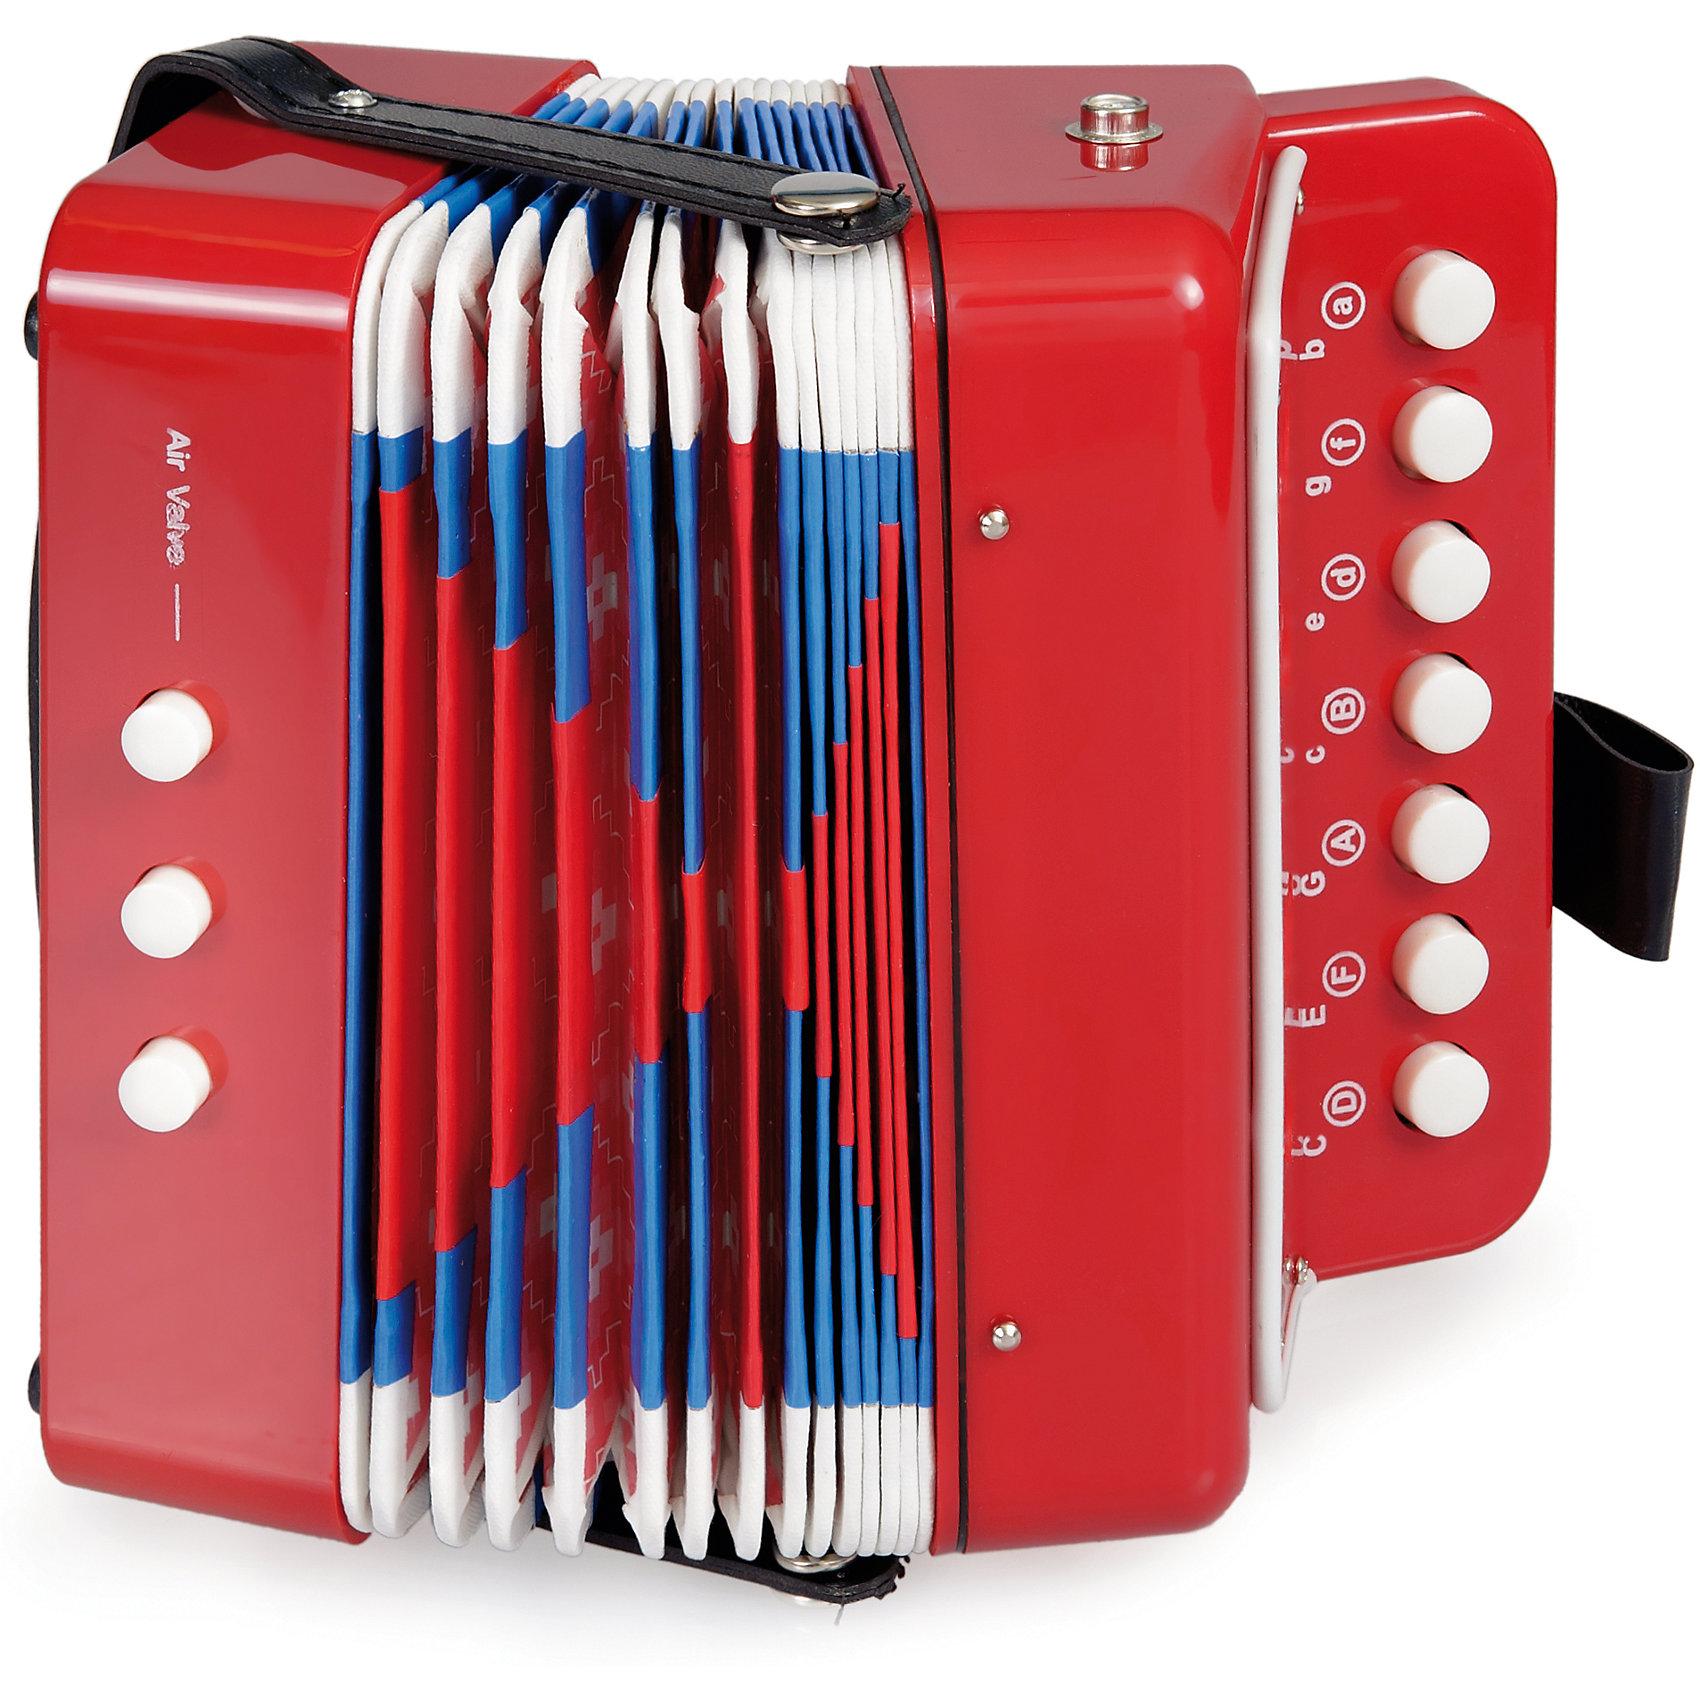 Детская игрушка Аккордеон, Egmont ToysМузыкальные инструменты и игрушки<br>Характеристики:<br><br>• материал: дерево, металл, пластик;<br>• чистый звук;<br>• вес: 450 г;<br>• размеры: 19х11х18 см;<br><br>Детская игрушка Аккордеон, Egmont Toys (Эгмонт Тойс) – эта игрушечный музыкальный инструмент, который совмещает в себе функции и возможности настоящего музыкального инструмента.<br><br>Игрушечный музыкальный инструмент оснащен тремя кнопками и клавишами. Конструкция и расположение клавиш выполнены с учетом возрастных особенностей маленьких детей. При игре издает чистый звук без посторонних шумов.<br><br>Игрушка от Эгмонт Тойс выполнена из материалов, безопасных для здоровья детей. Корпус из сочетания пластика, металла и дерева обеспечивает игрушке долговечность и прочность. Оформлен в ярких цветах.<br><br>Детская игрушка Аккордеон, Egmont Toys предназначена не только для веселого времяпрепровождения, игры с музыкальными инструментами развивают у ребенка музыкальный слух и чувство ритма.  <br><br>Детскую игрушку Аккордеон, Egmont Toys можно купить в нашем интернет-магазине.<br><br>Ширина мм: 190<br>Глубина мм: 110<br>Высота мм: 180<br>Вес г: 450<br>Возраст от месяцев: 36<br>Возраст до месяцев: 2147483647<br>Пол: Унисекс<br>Возраст: Детский<br>SKU: 5544472